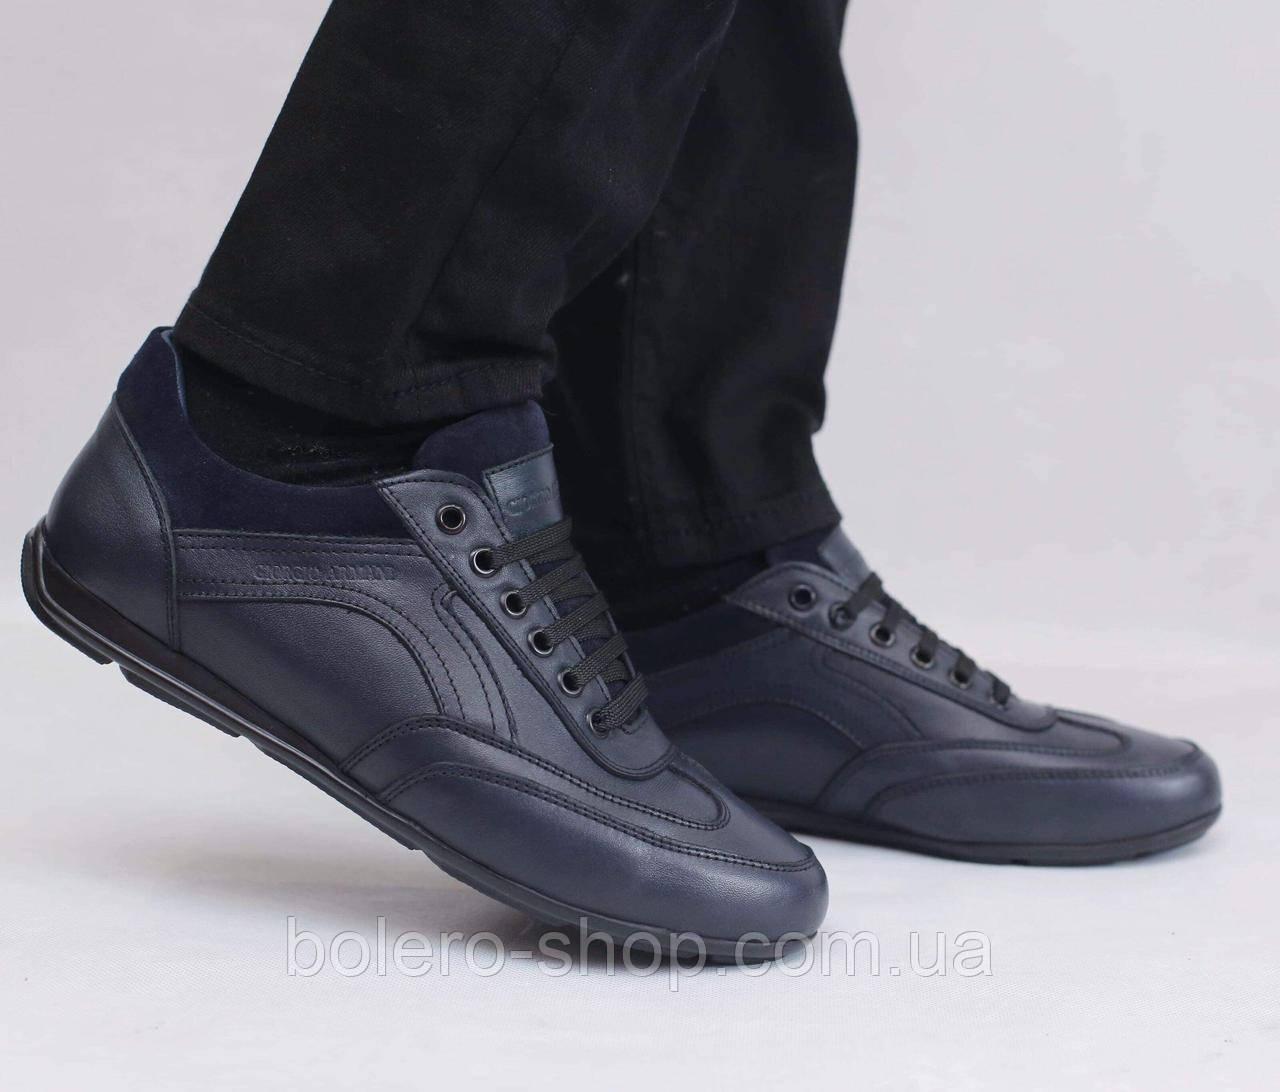 Кроссовки темно-синие Armani